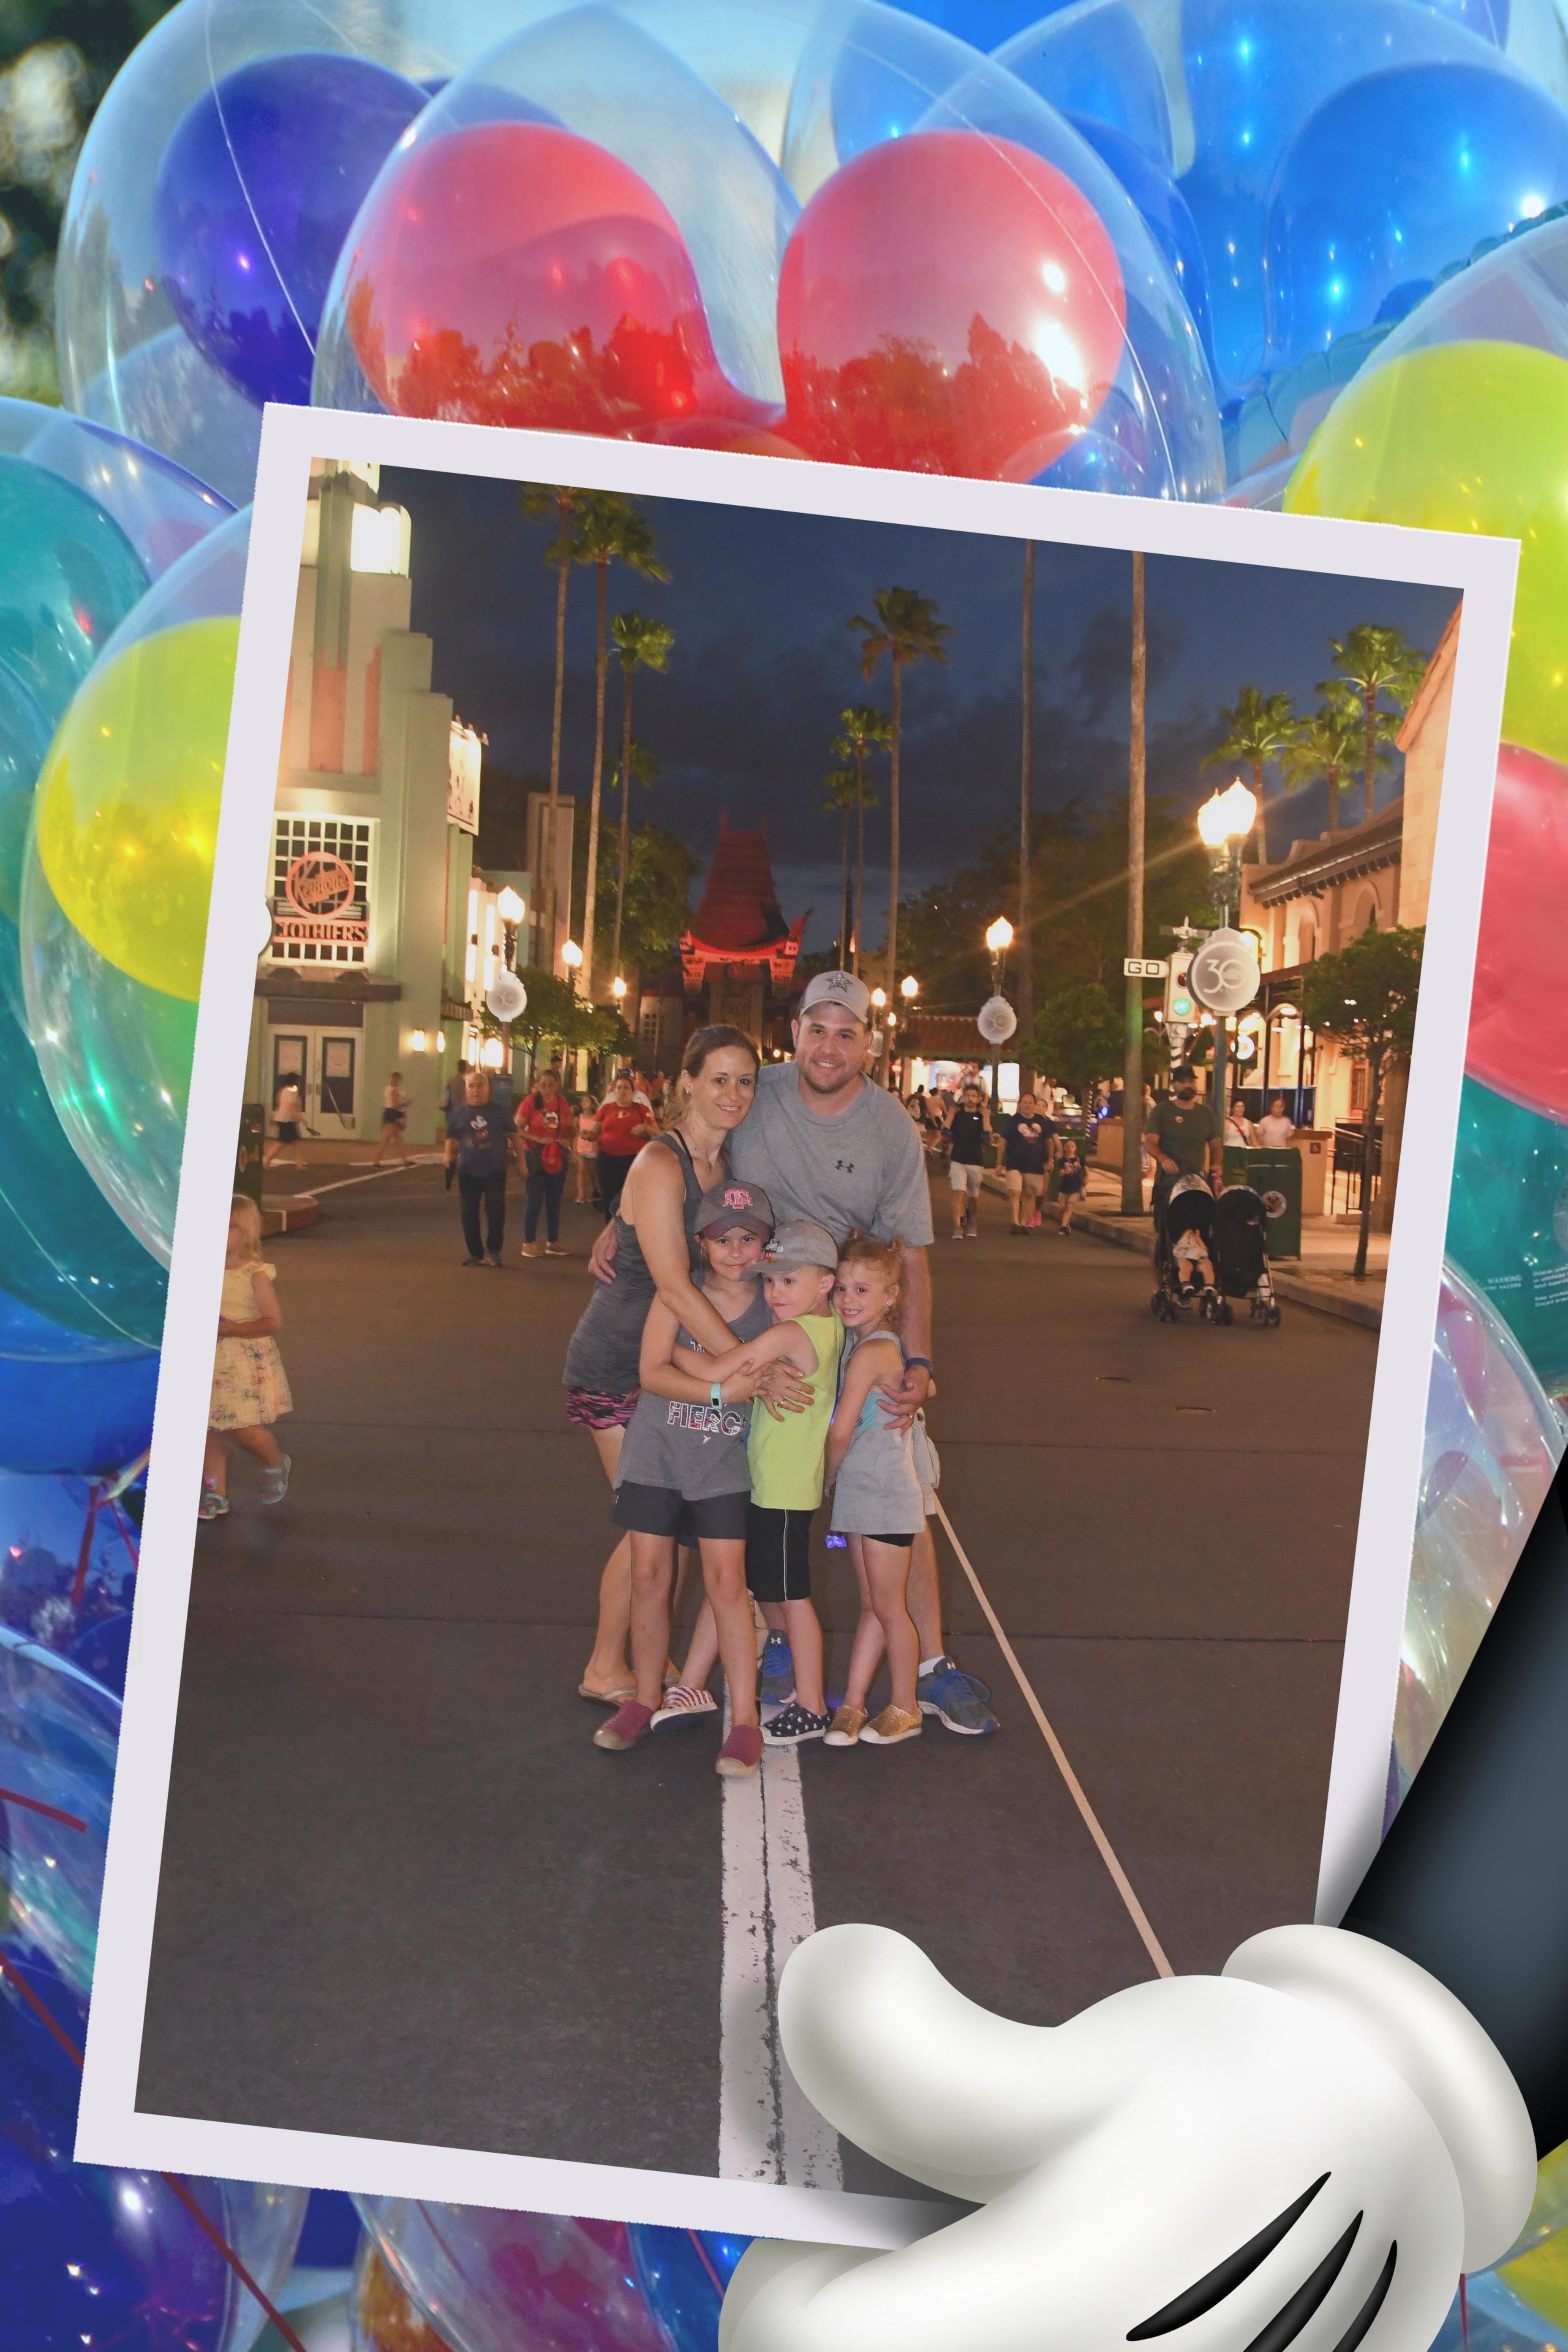 Karsteter Family at Disney World